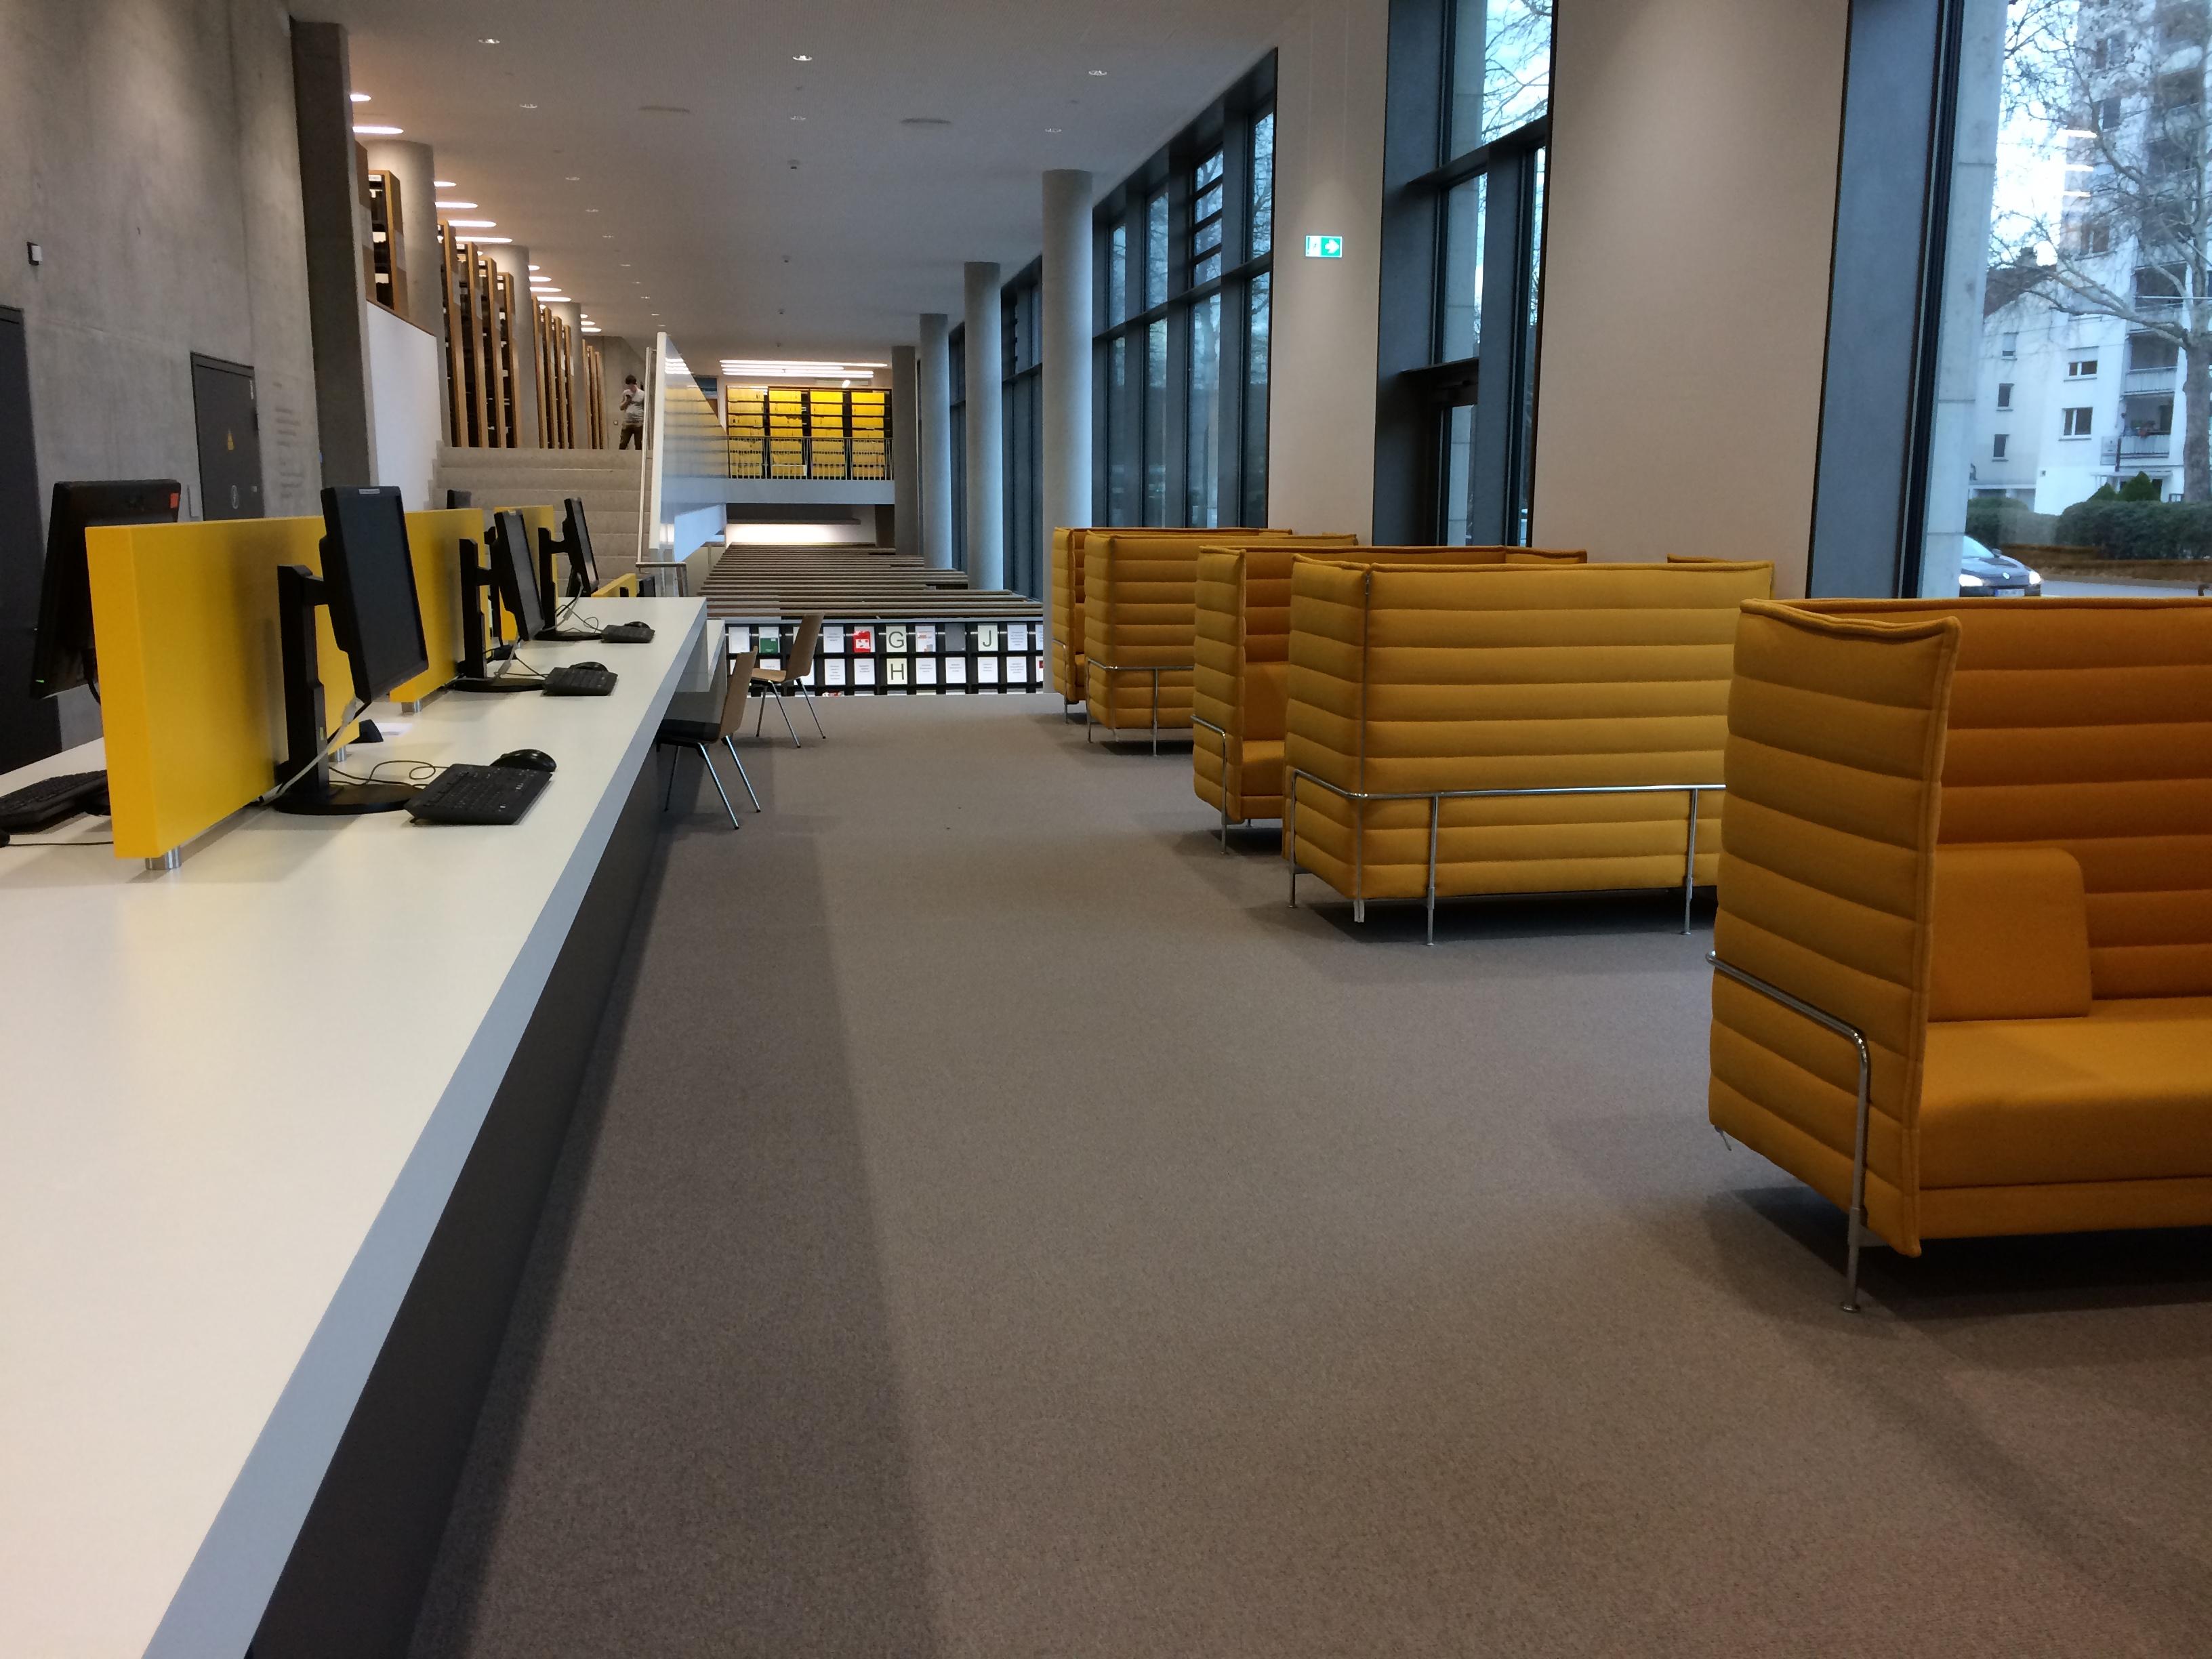 Mathematikon Library